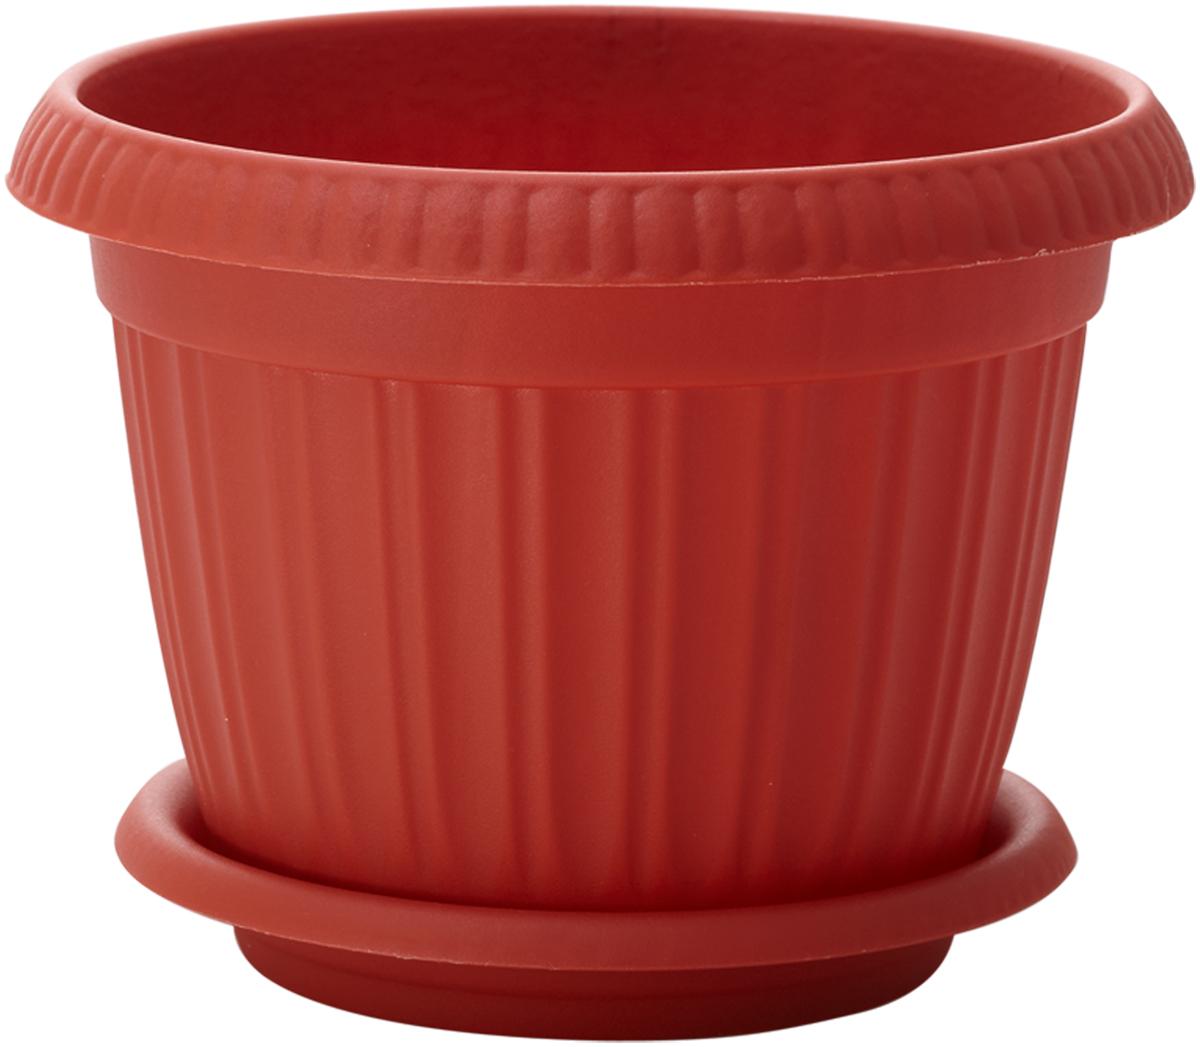 Горшок для цветов InGreen Таити, с подставкой, цвет: терракотовый, диаметр 23 смING41023FТРГоршок InGreen Таити выполнен из высококачественного полипропилена (пластика) и предназначен для выращивания цветов, растений и трав. Снабжен подставкой для стока воды. Такой горшок порадует вас функциональностью, а благодаря лаконичному дизайну впишется в любой интерьер помещения. Диаметр горшка по верхнему краю: 23 см. Высота горшка: 17,5 см. Диаметр подставки: 19 см.